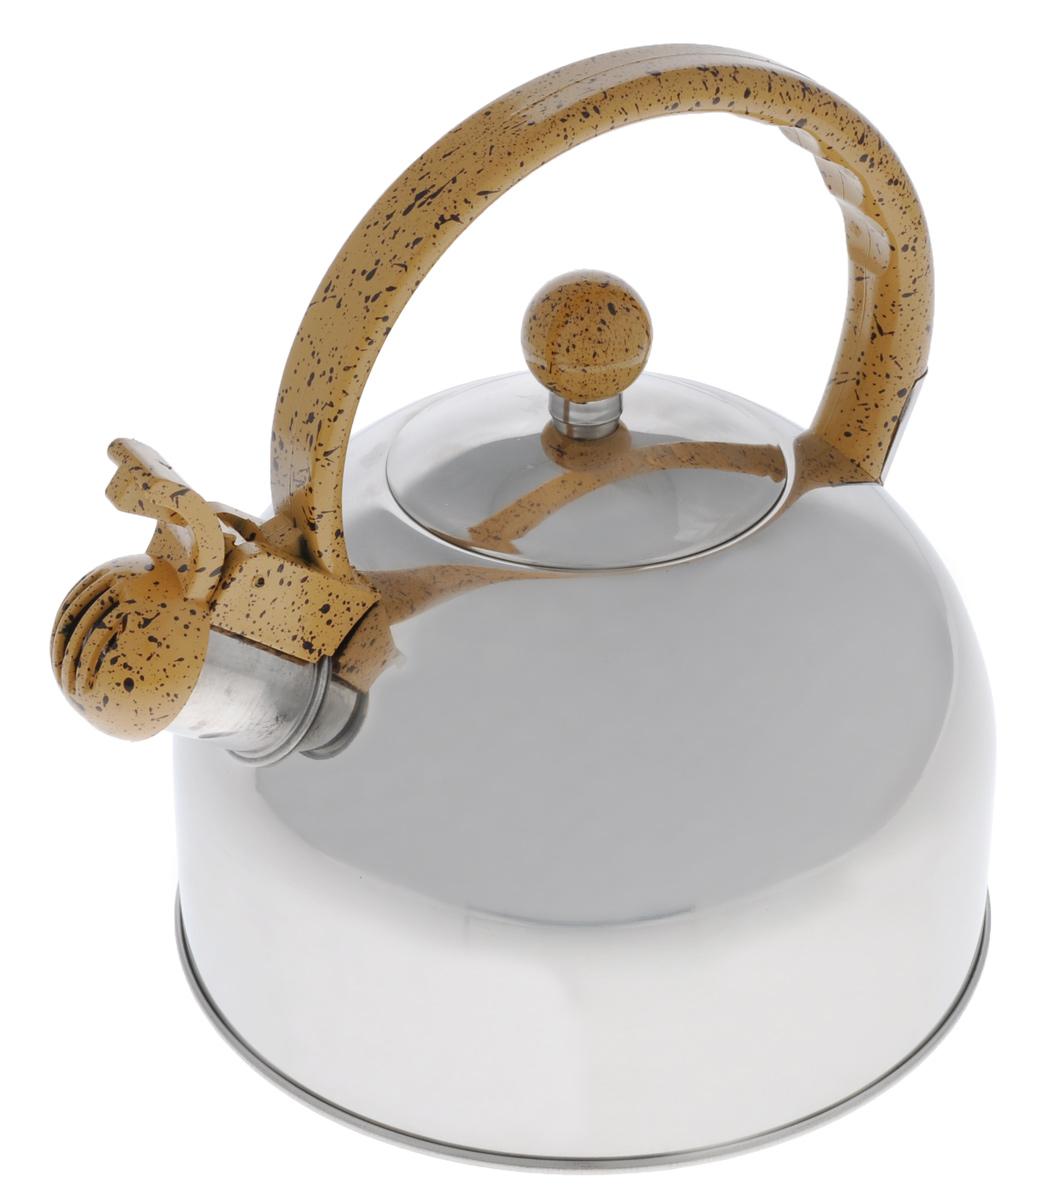 Чайник Bekker Koch, со свистком, 2,5 л. 3518135181Чайник Bekker Koch изготовлен из высококачественной нержавеющей стали. Нержавеющая сталь - материал, из которого в течение нескольких десятилетий во всем мире производятся столовые приборы, кухонные инструменты и различные аксессуары. Этот материал обладает высокой стойкостью к коррозии и кислотам. Прочность, долговечность и надежность этого материала, а также первоклассная обработка обеспечивают практически неограниченный запас прочности и неизменно привлекательный внешний вид. Капсулированное дно позволяет изделию быстро нагреваться и дольше сохранять тепло. Чайник оснащен фиксированной пластиковой ручкой, что предотвращает появление ожогов и обеспечивает безопасность использования. Носик чайника имеет откидной свисток, который подскажет, когда вода закипела. Подходит для газовых, электрических и стеклокерамических плит. Не подходит для индукционных плит. Можно мыть в посудомоечной машине. Высота чайника (без учета ручки и крышки):...